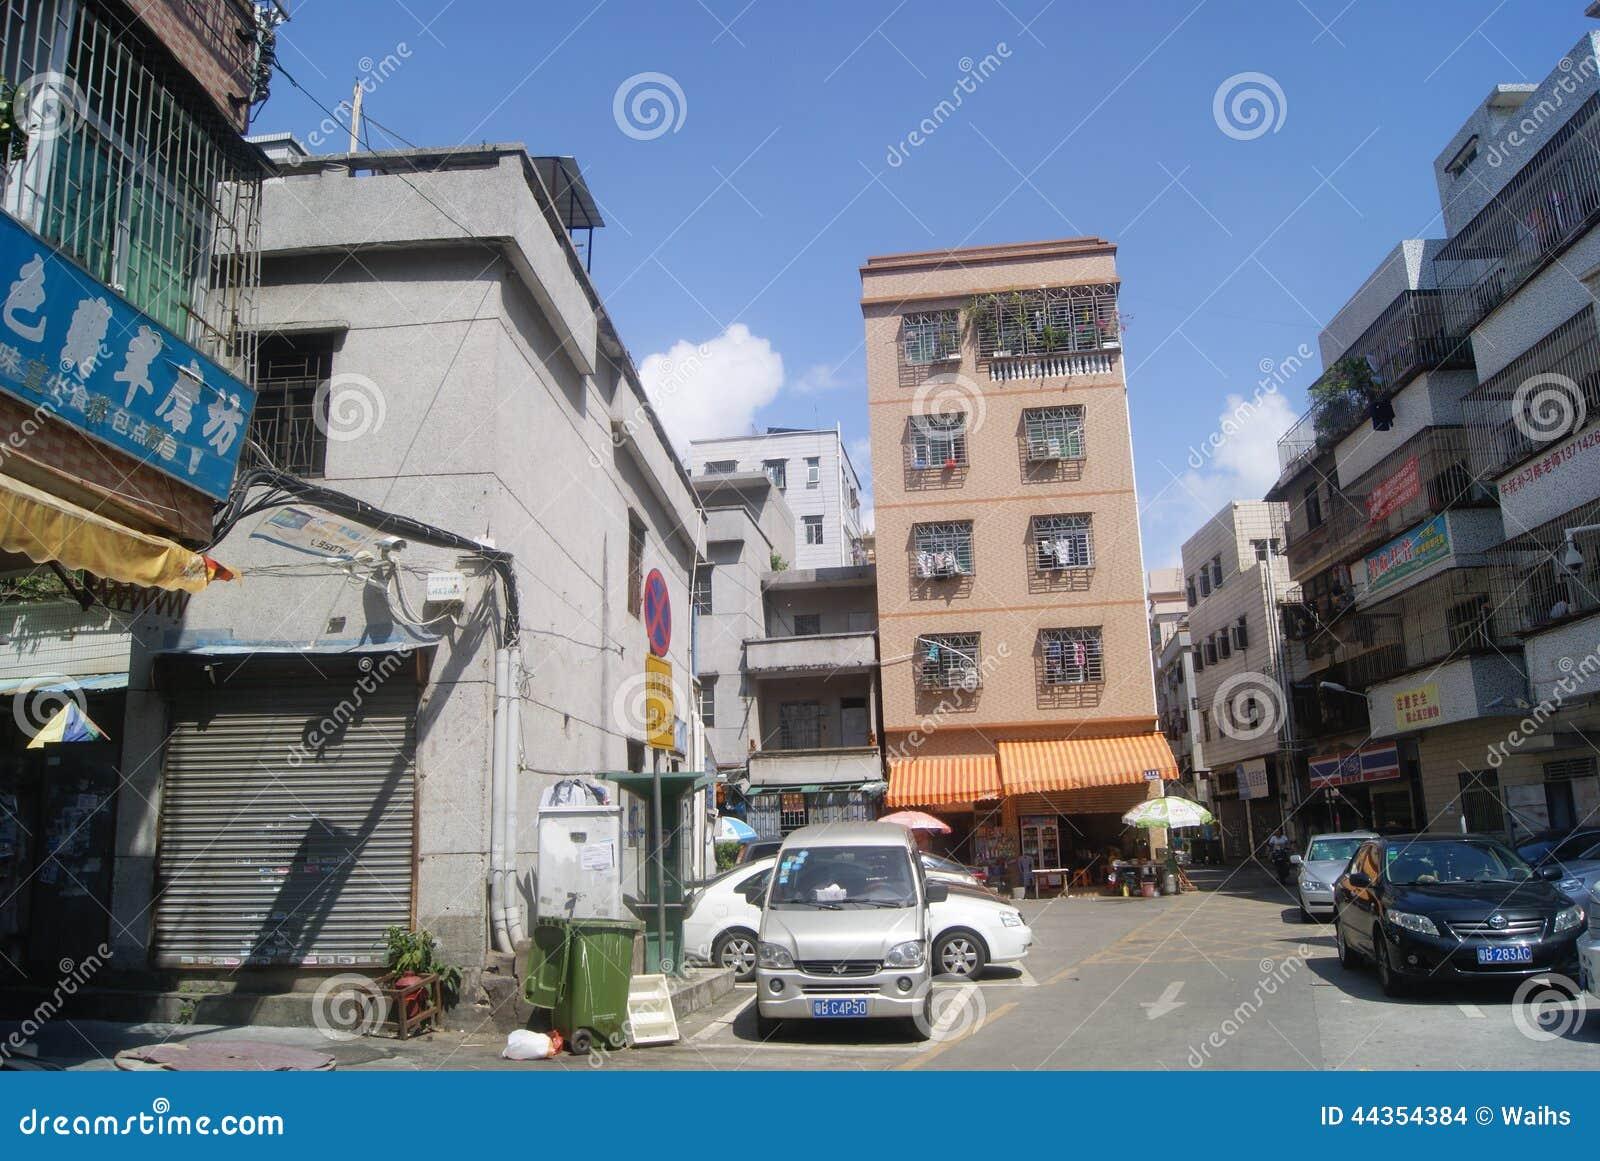 Shenzhen, Cina: Villaggio nelle costruzioni della città e nel paesaggio della strada